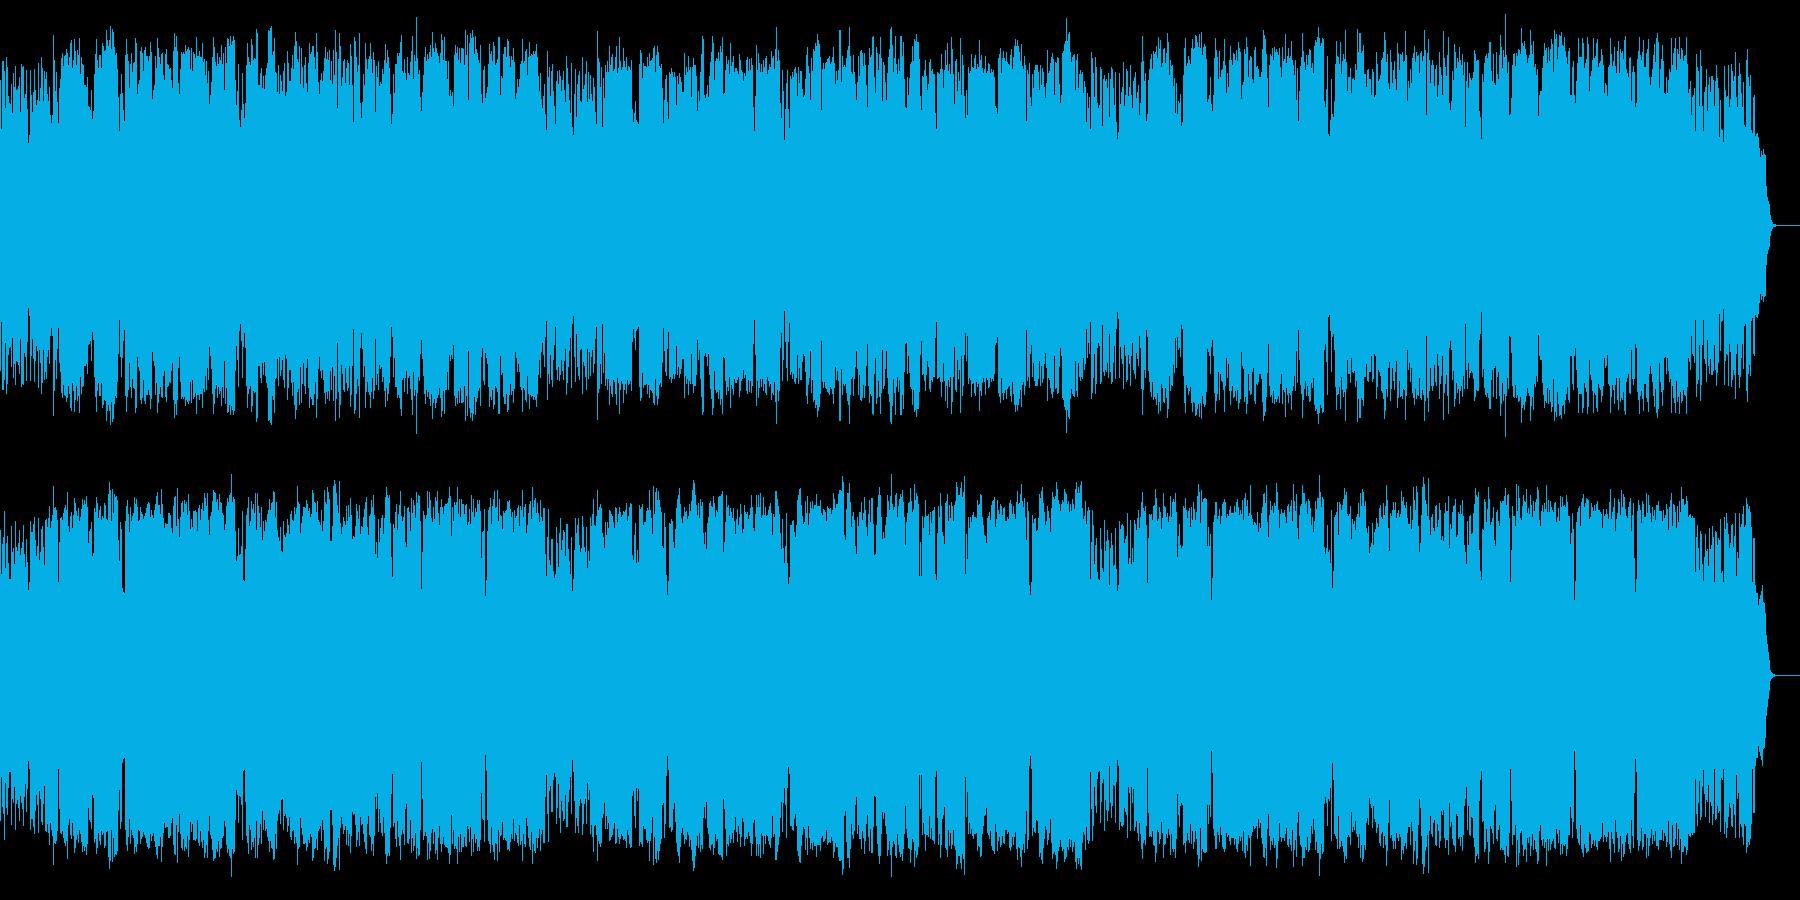 弾むシャッフルリズム、楽しい雰囲気の楽曲の再生済みの波形